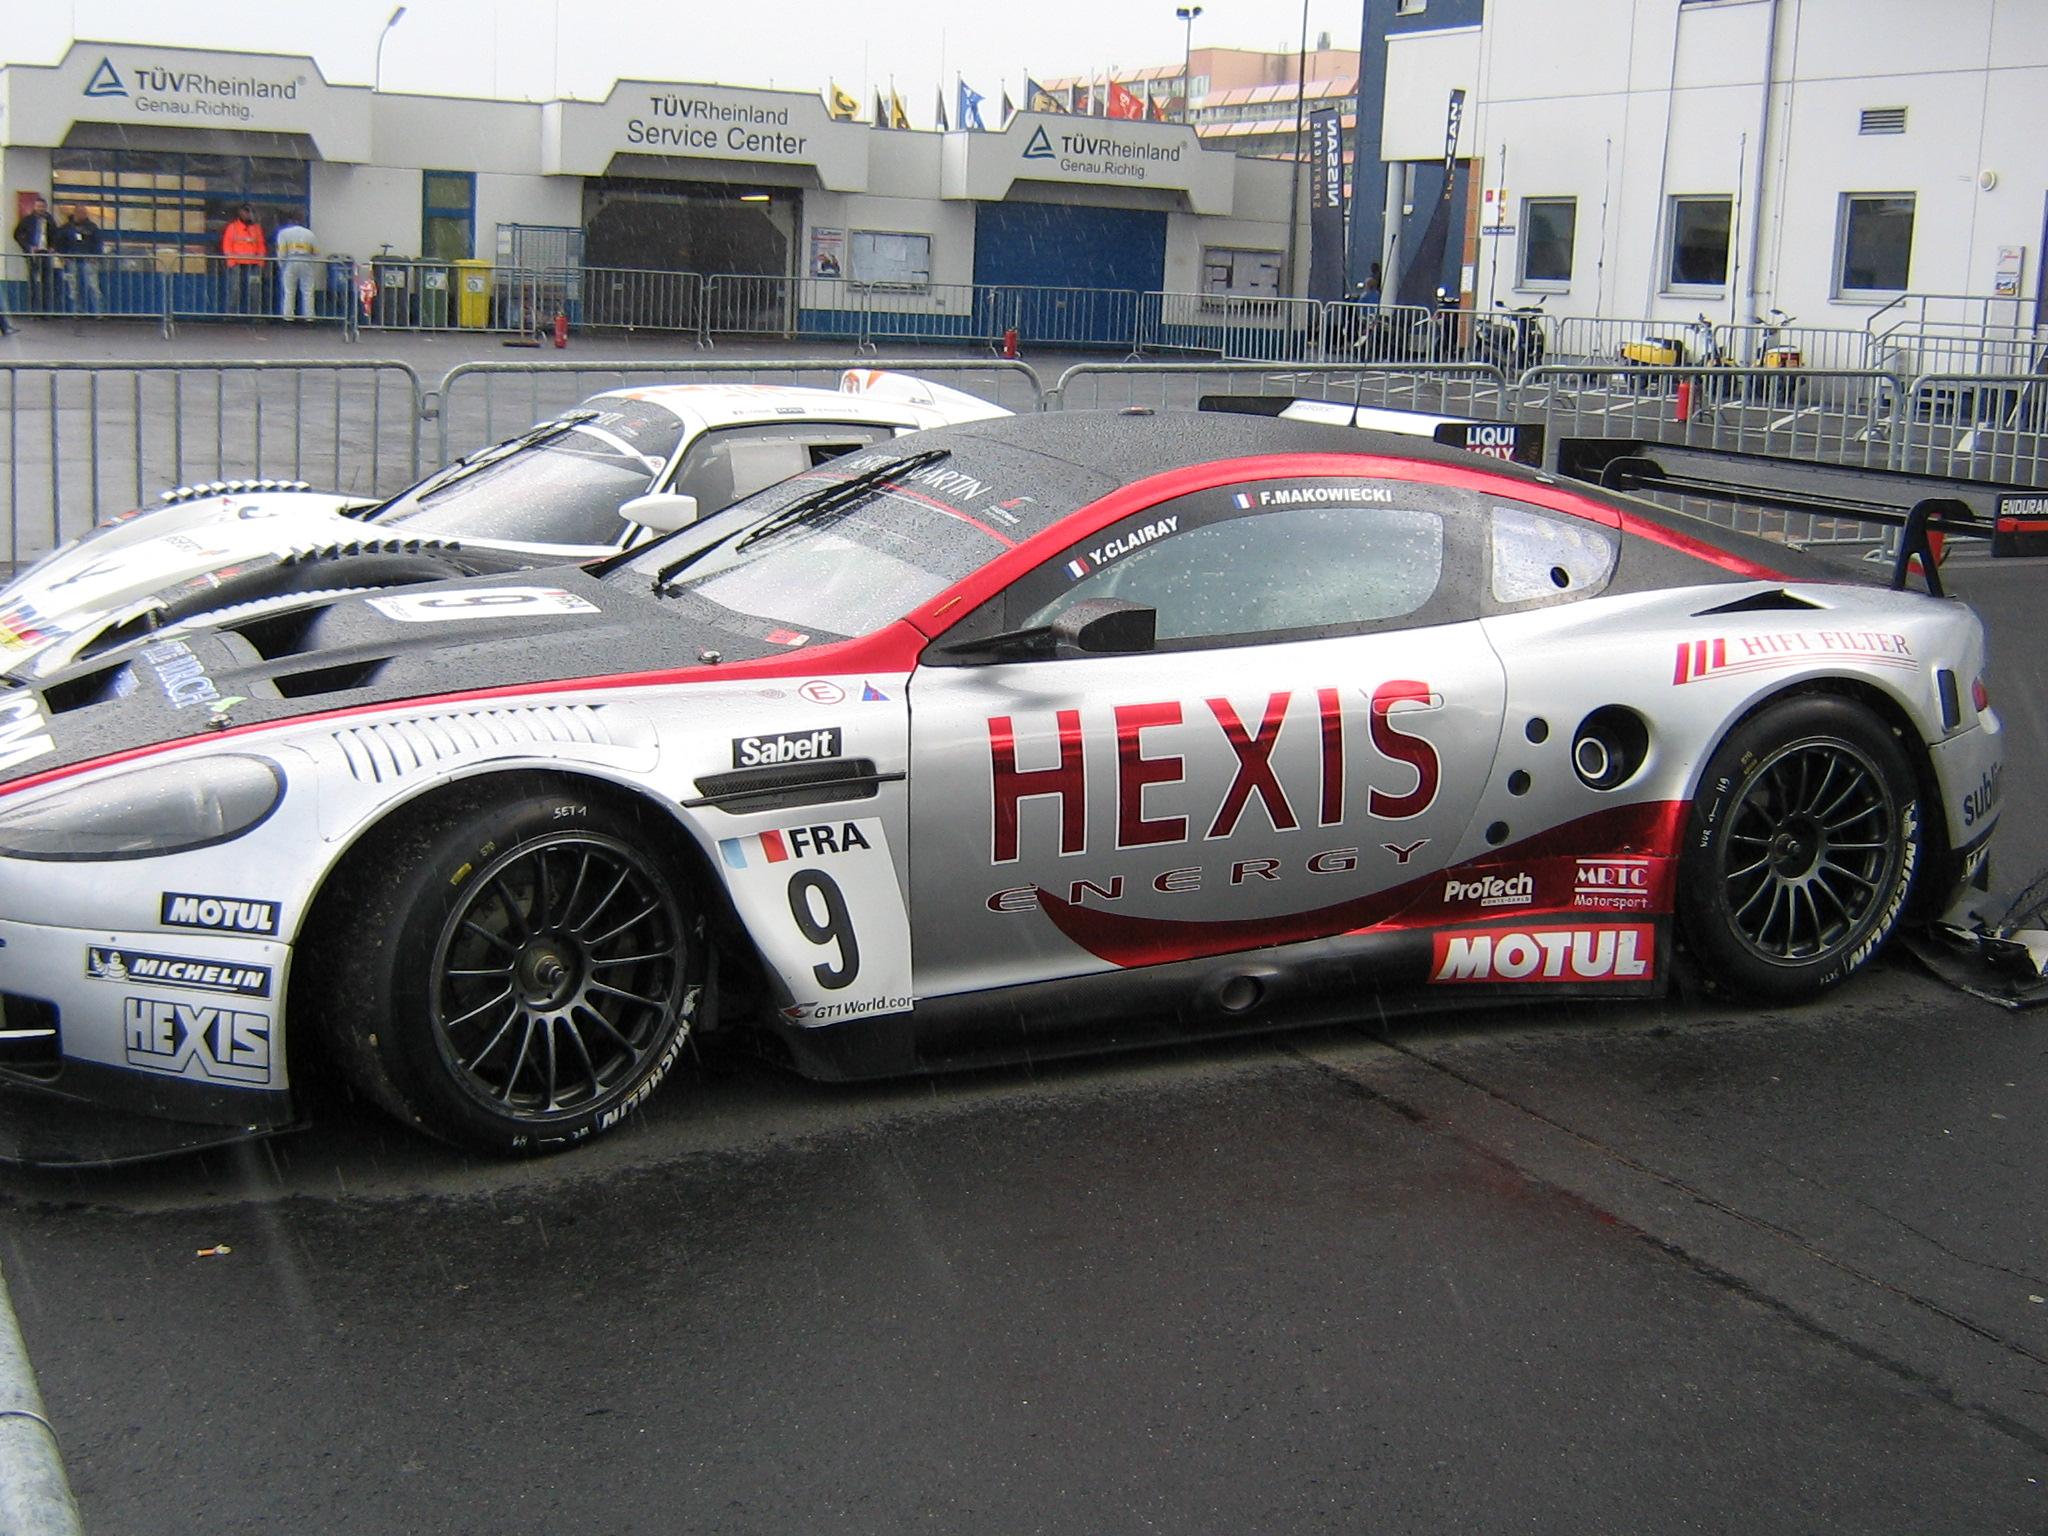 FIA GT1 British Racing Club